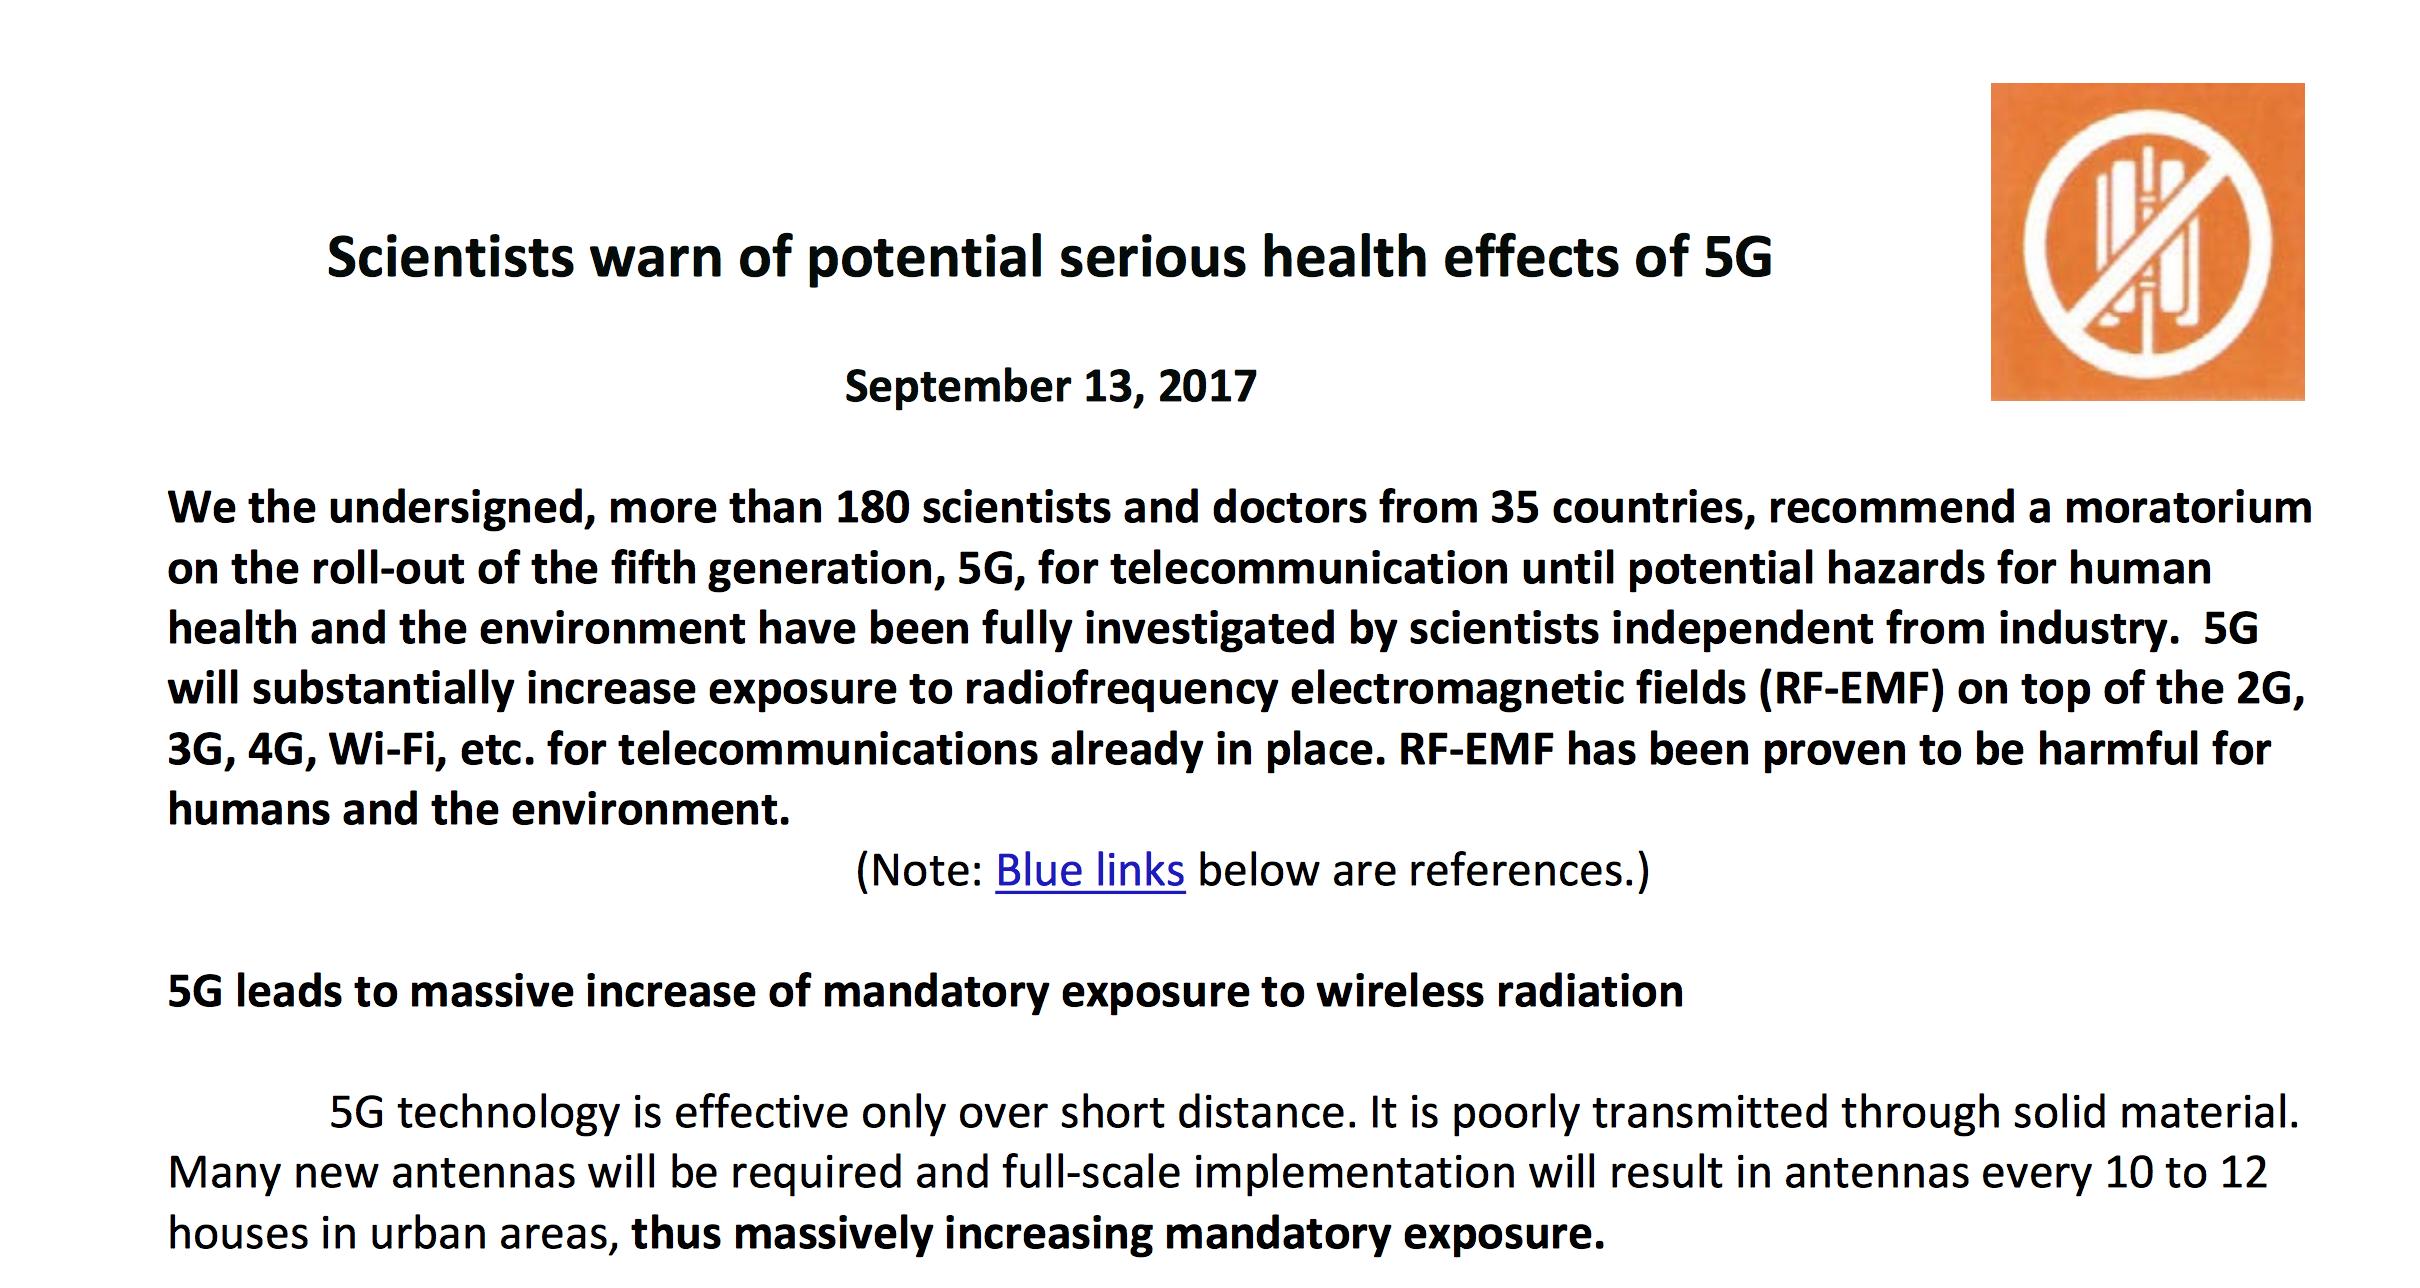 5Gが強力電磁波を強要